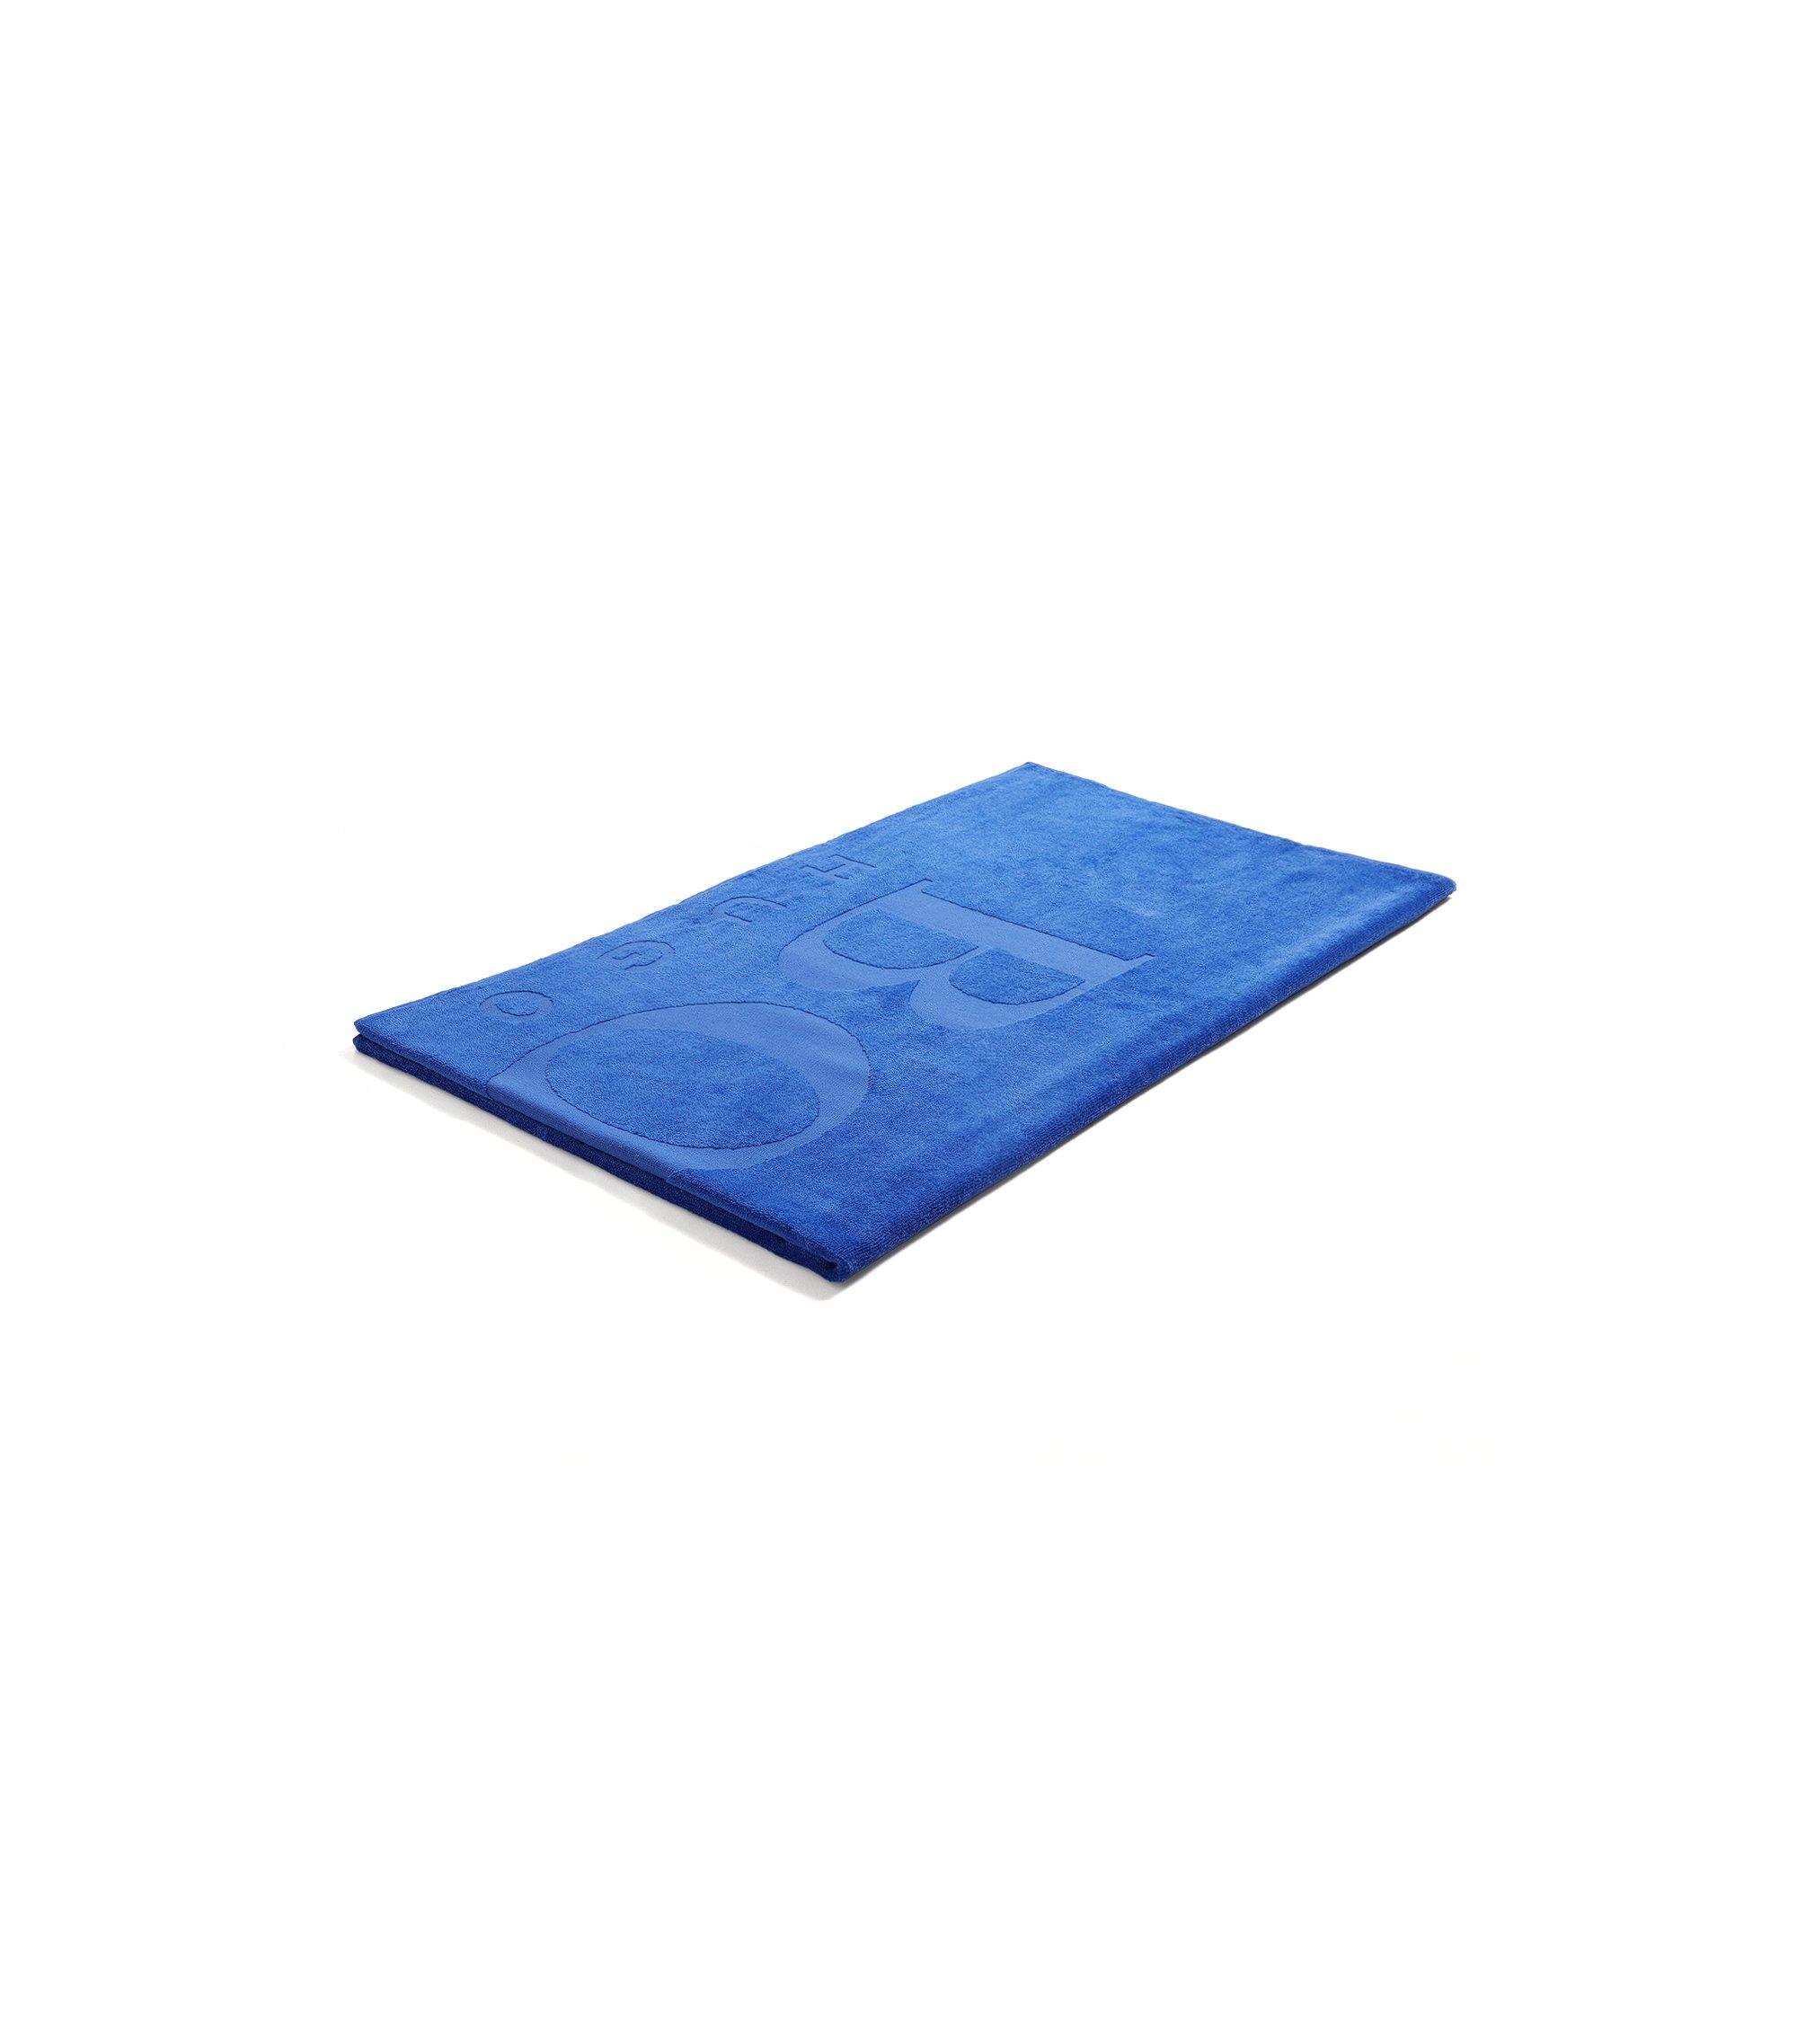 Telo da bagno in morbido cotone con logo, Blu